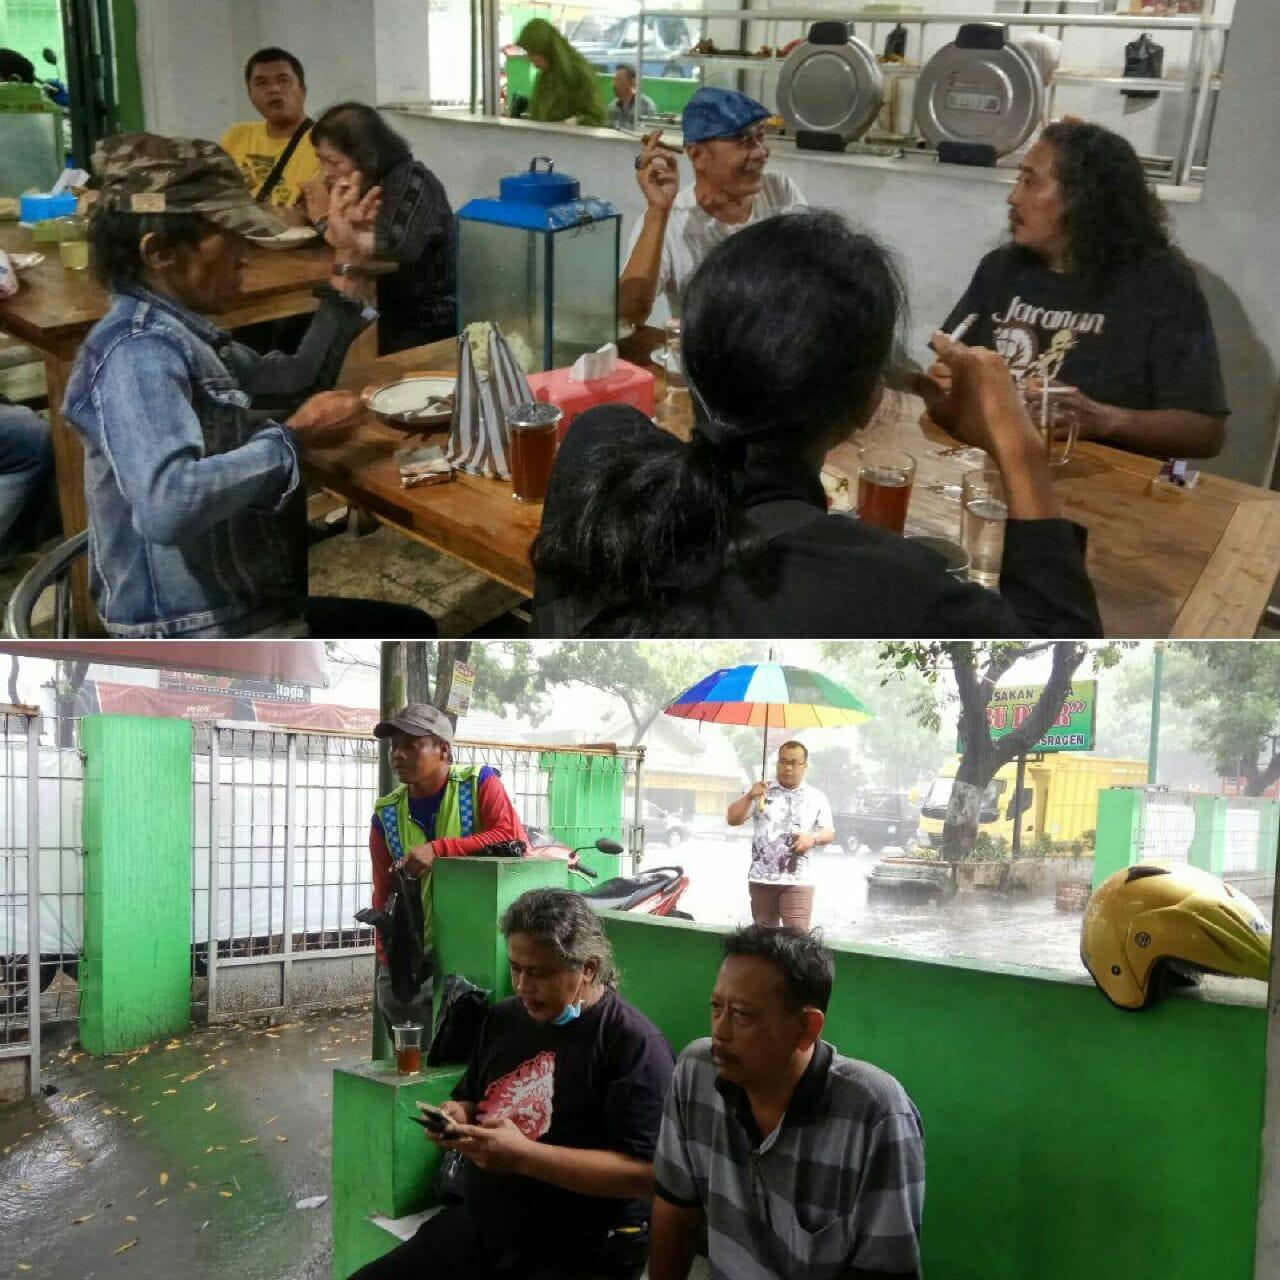 Hujan Menemani Perjalanan KiaiKanjeng ke Madiun